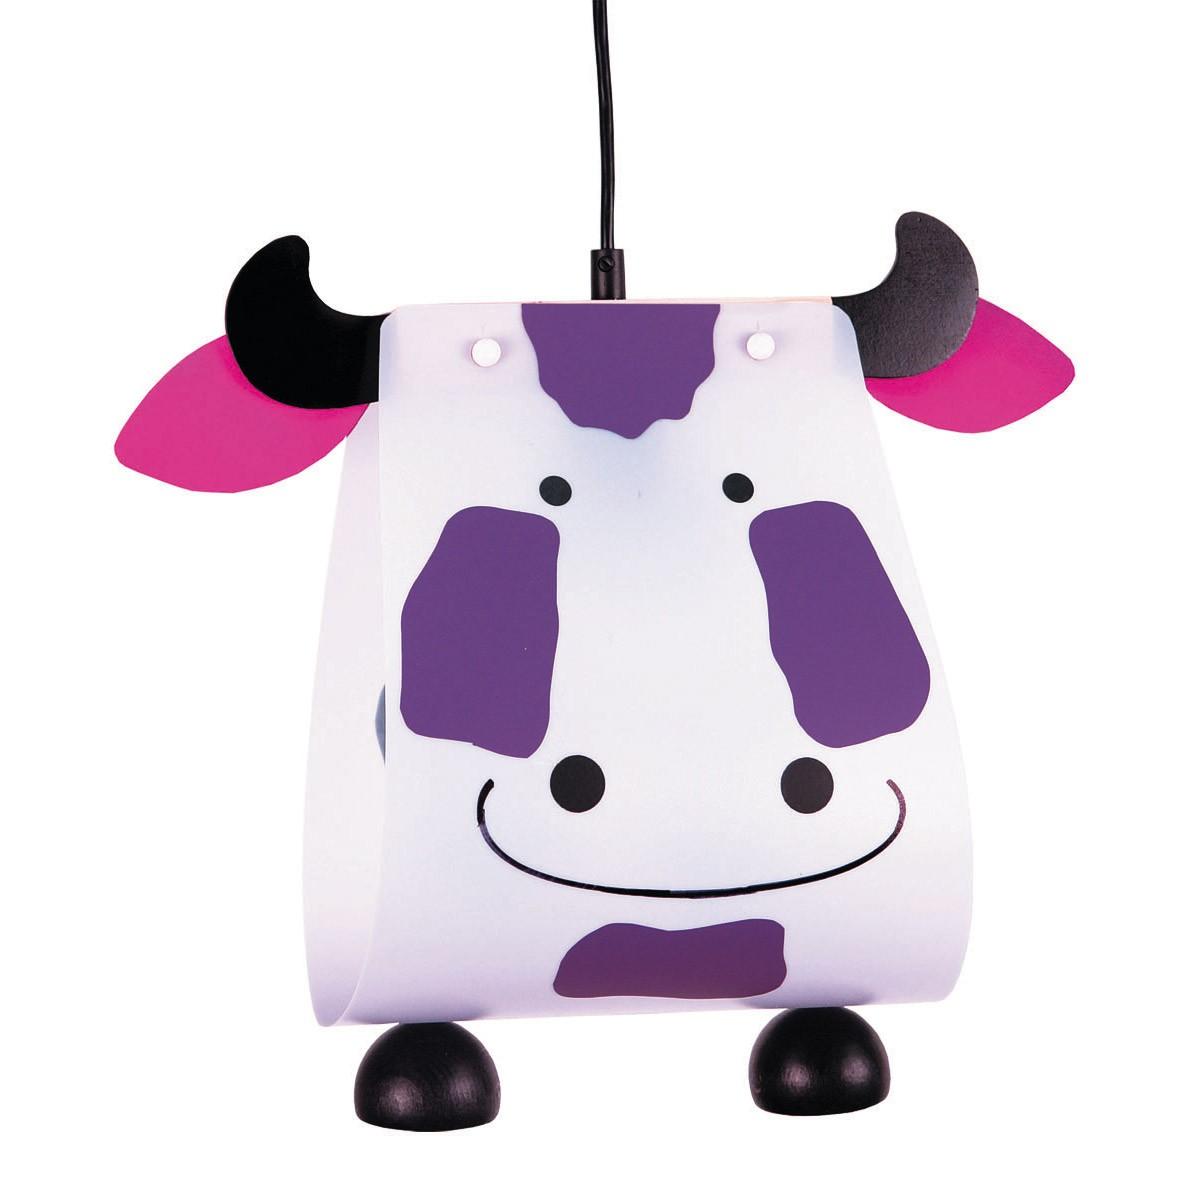 Niermann Standby Kuh Pendelleuchte, weiß - violett